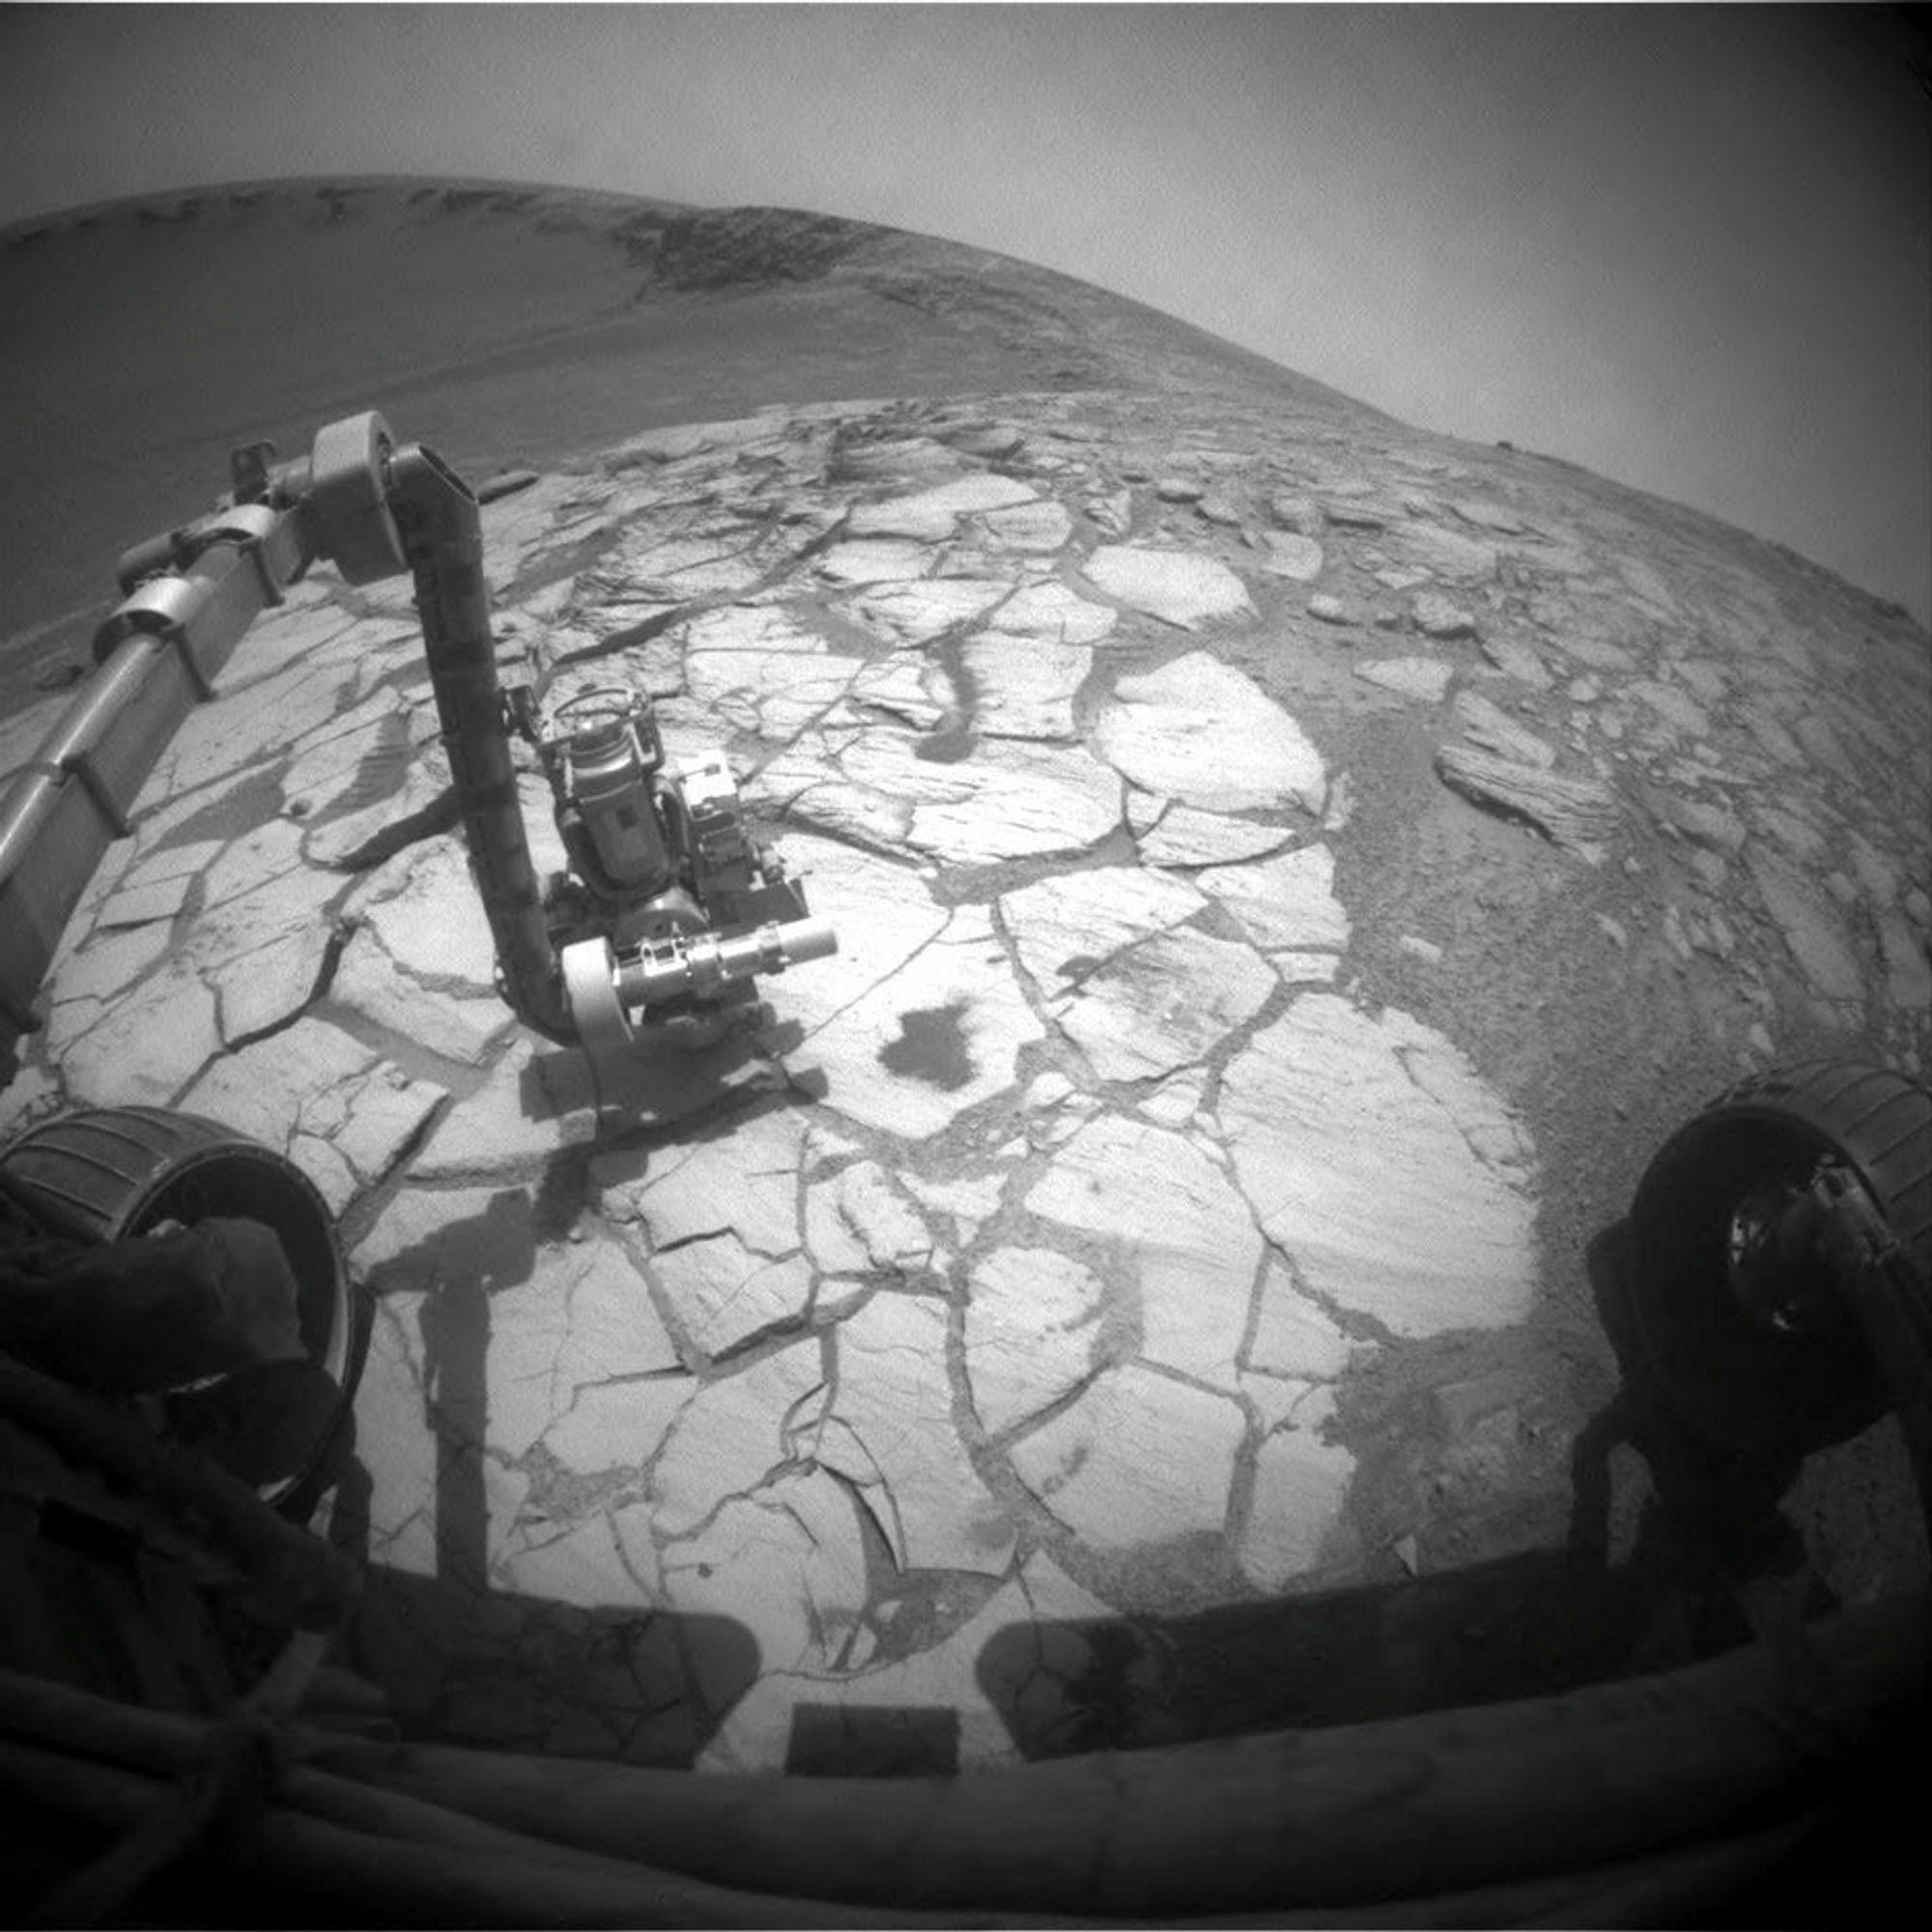 JOBBER PÅ: Opportunity befinner seg akkurat nå i det gigantiske Victoria-krateret. På dette bildet, som ble tatt 13. oktober, undersøker den et område med lyse steiner.